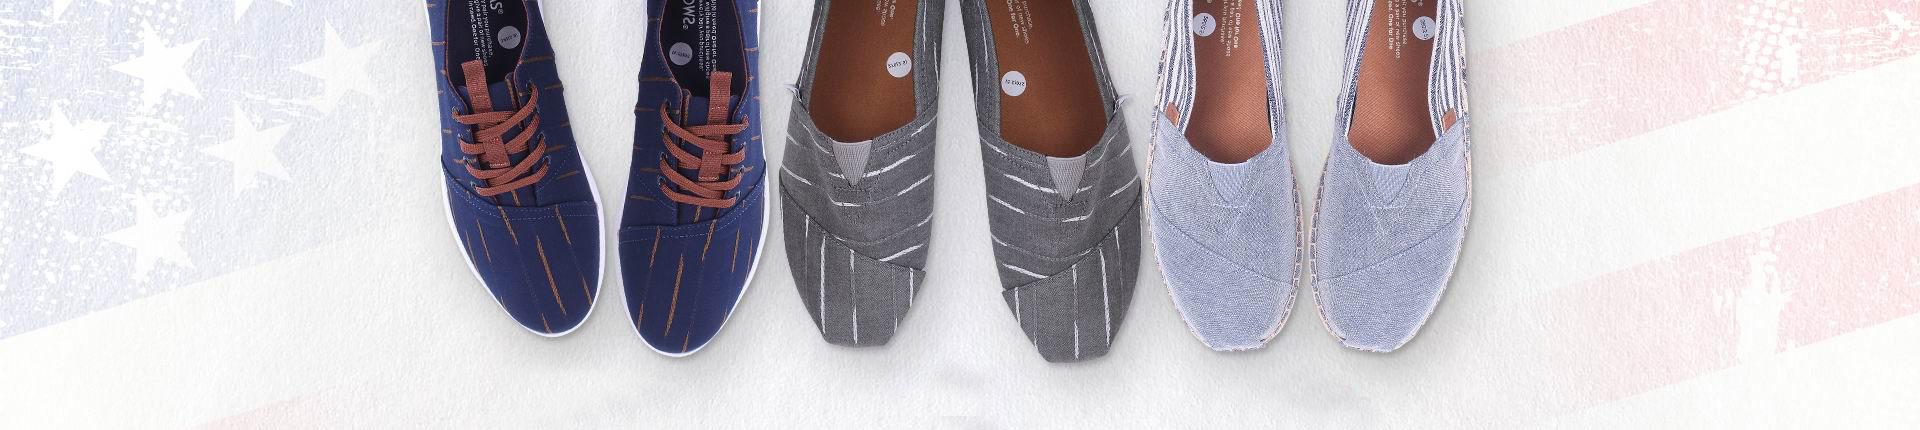 汤姆斯布鞋官方网站